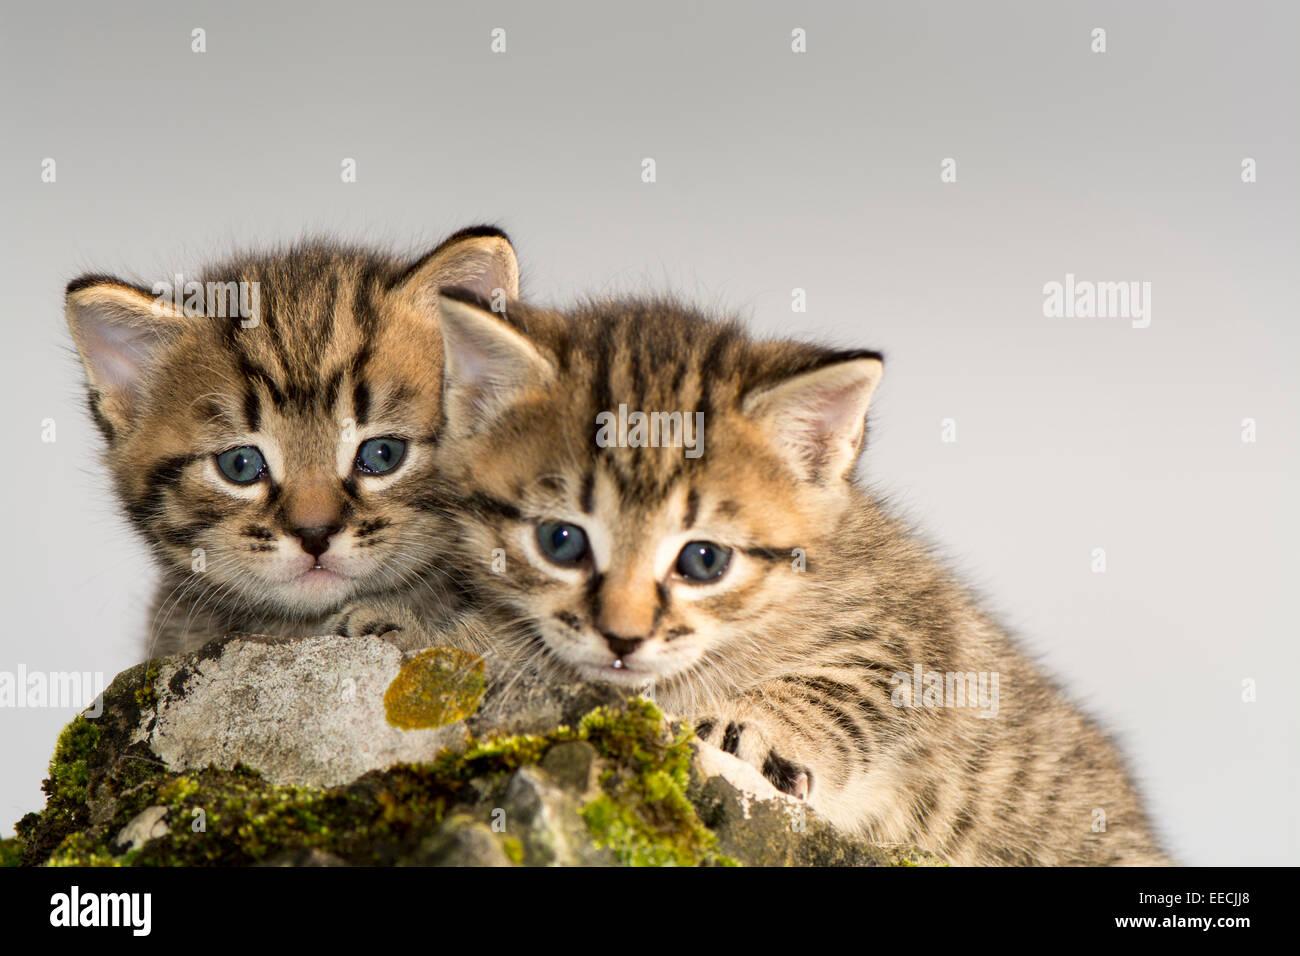 Coppia di tabby gattini giocare al di fuori, REGNO UNITO Immagini Stock